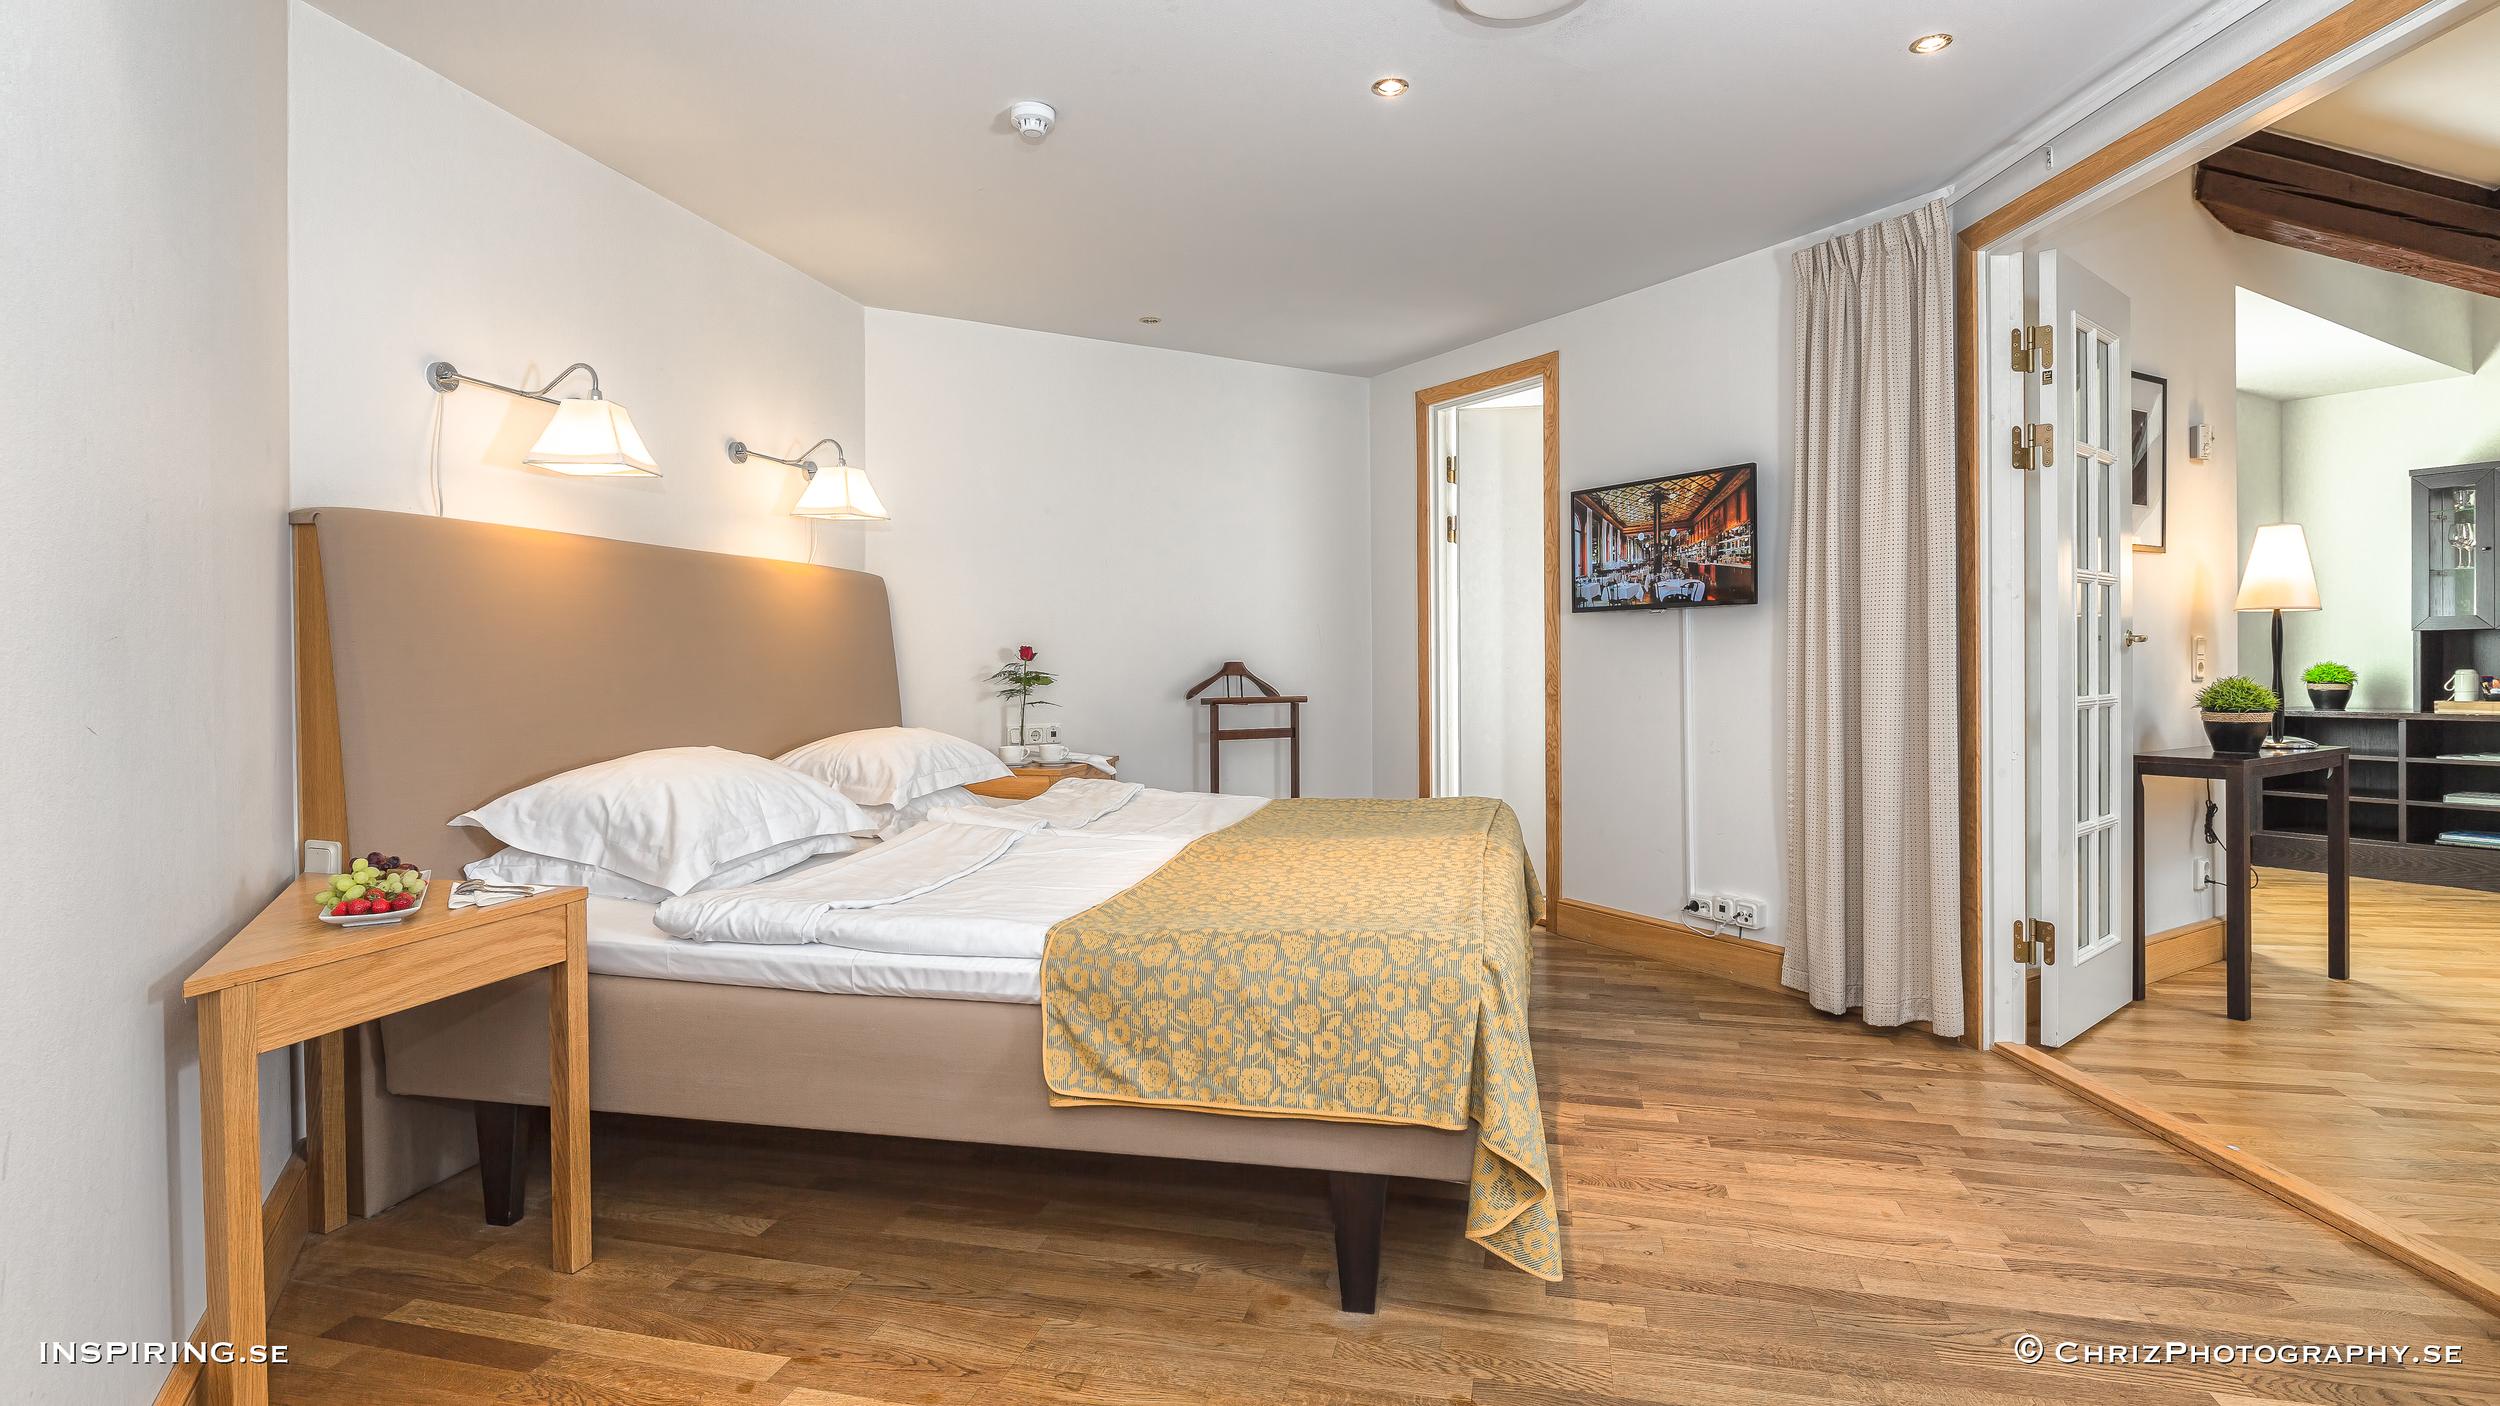 Elite_Hotel_Knaust_Inspiring.se_copyright_ChrizPhotography.se_15.jpg